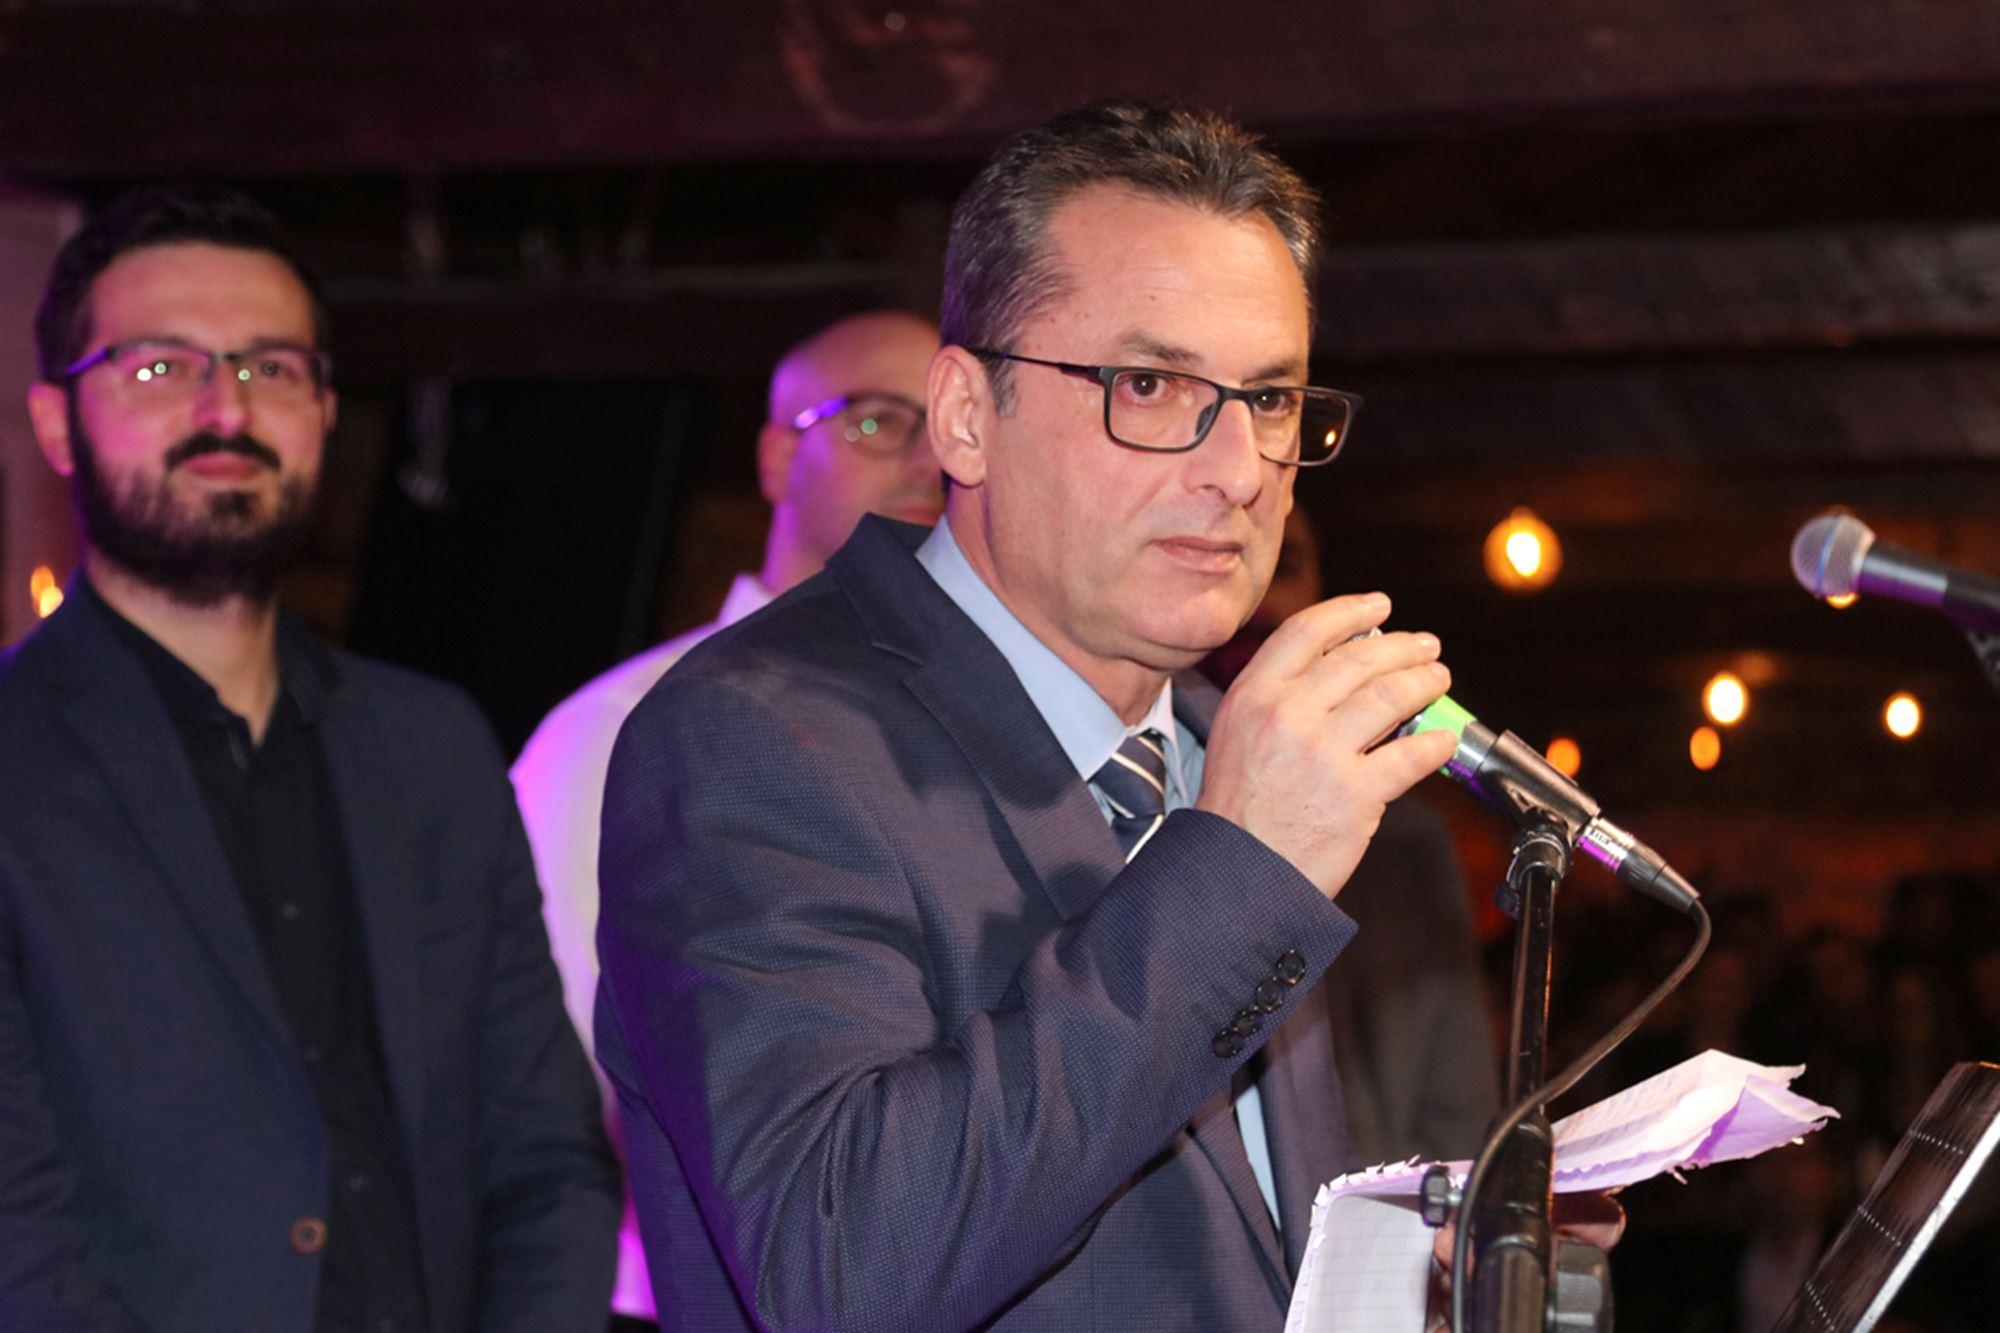 Τιμητική αναφορά στον Γ. Σουφλιά στην κοπή πίτας του Γεωπονικού Συλλόγου Λάρισας